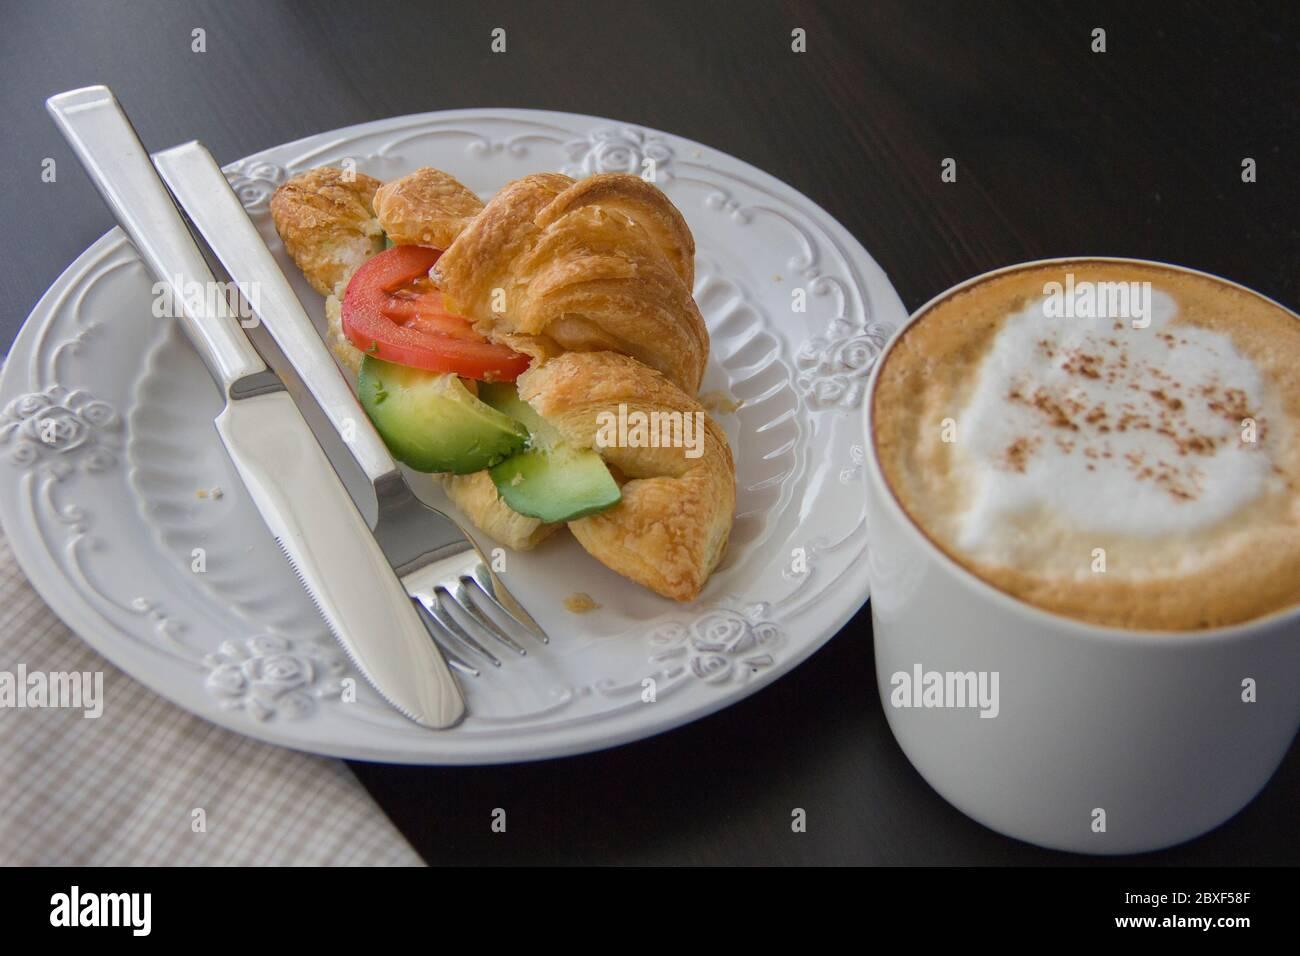 Croissant fresco relleno de aguacate y tomate, una taza de capuchino en una mesa oscura, luz de la mañana desde la ventana Foto de stock